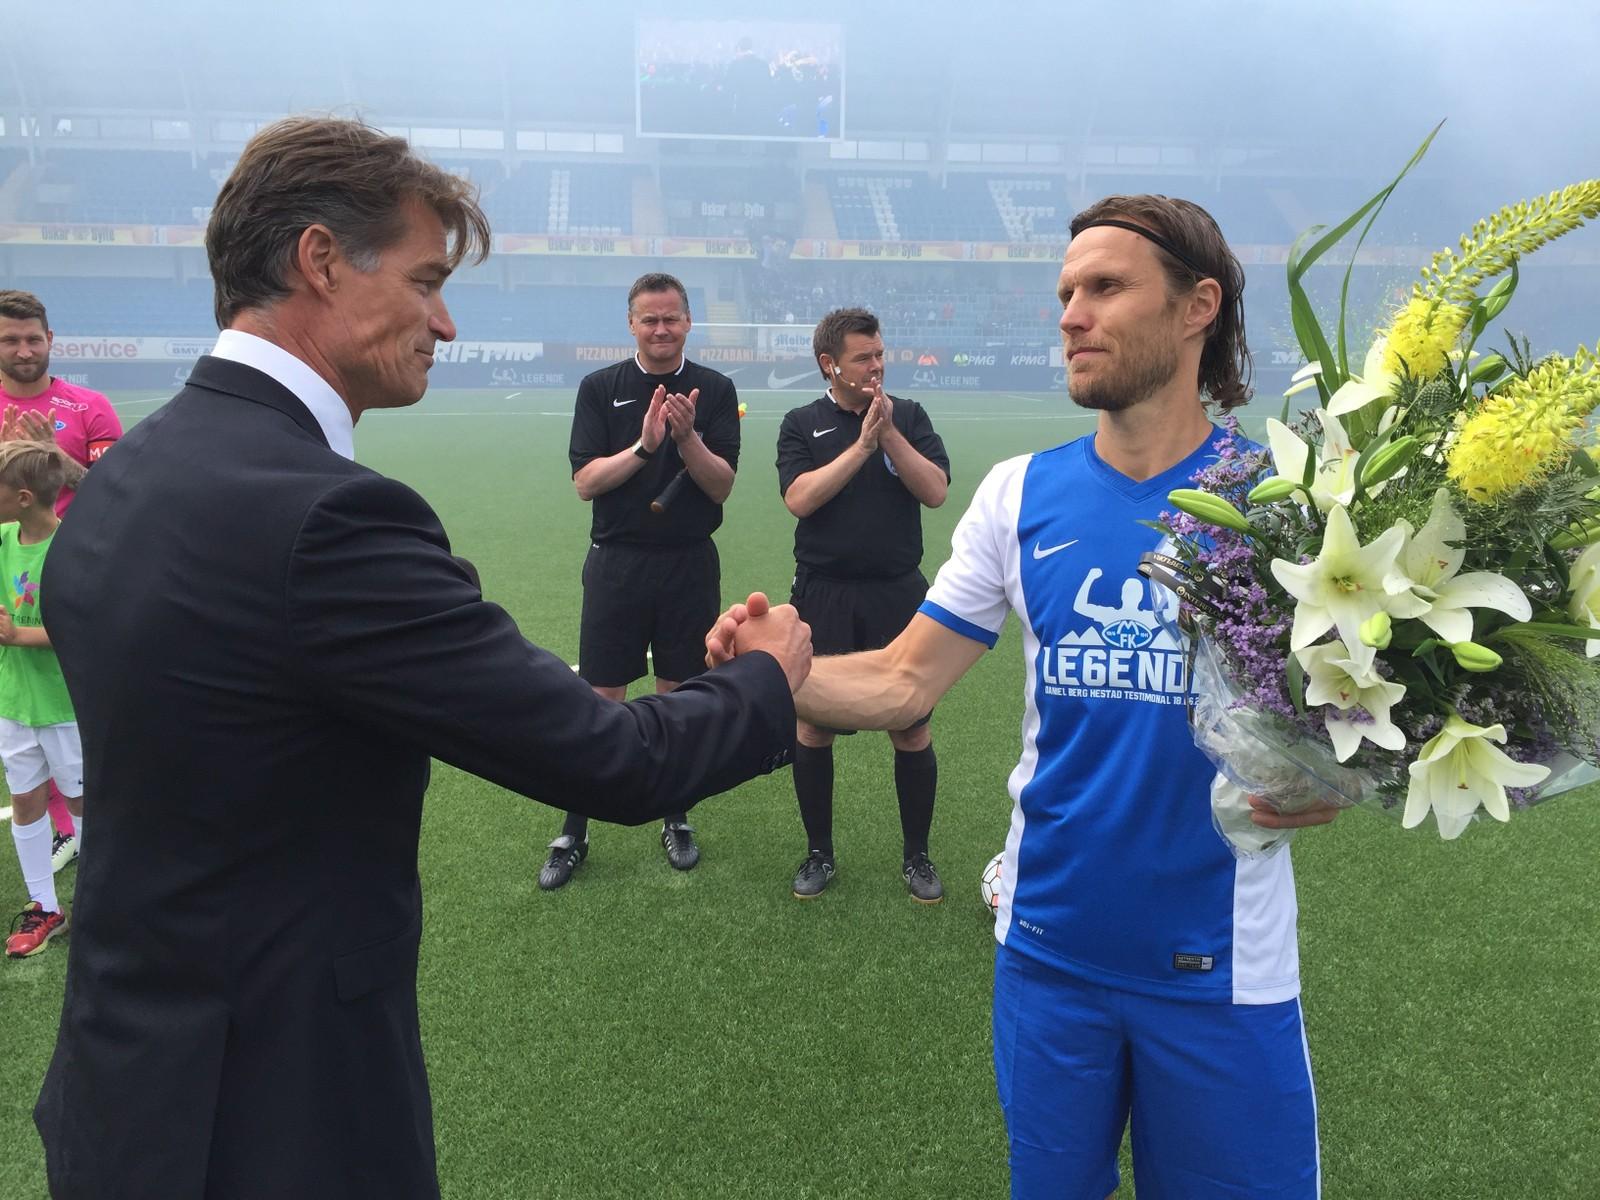 ÆRE: I går fortalte Daniel Berg Hestad at han ble litt brydd, men ser på det som en festdag som handler litt om seg selv men også en dag for hele klubben og alle de som støtter den.